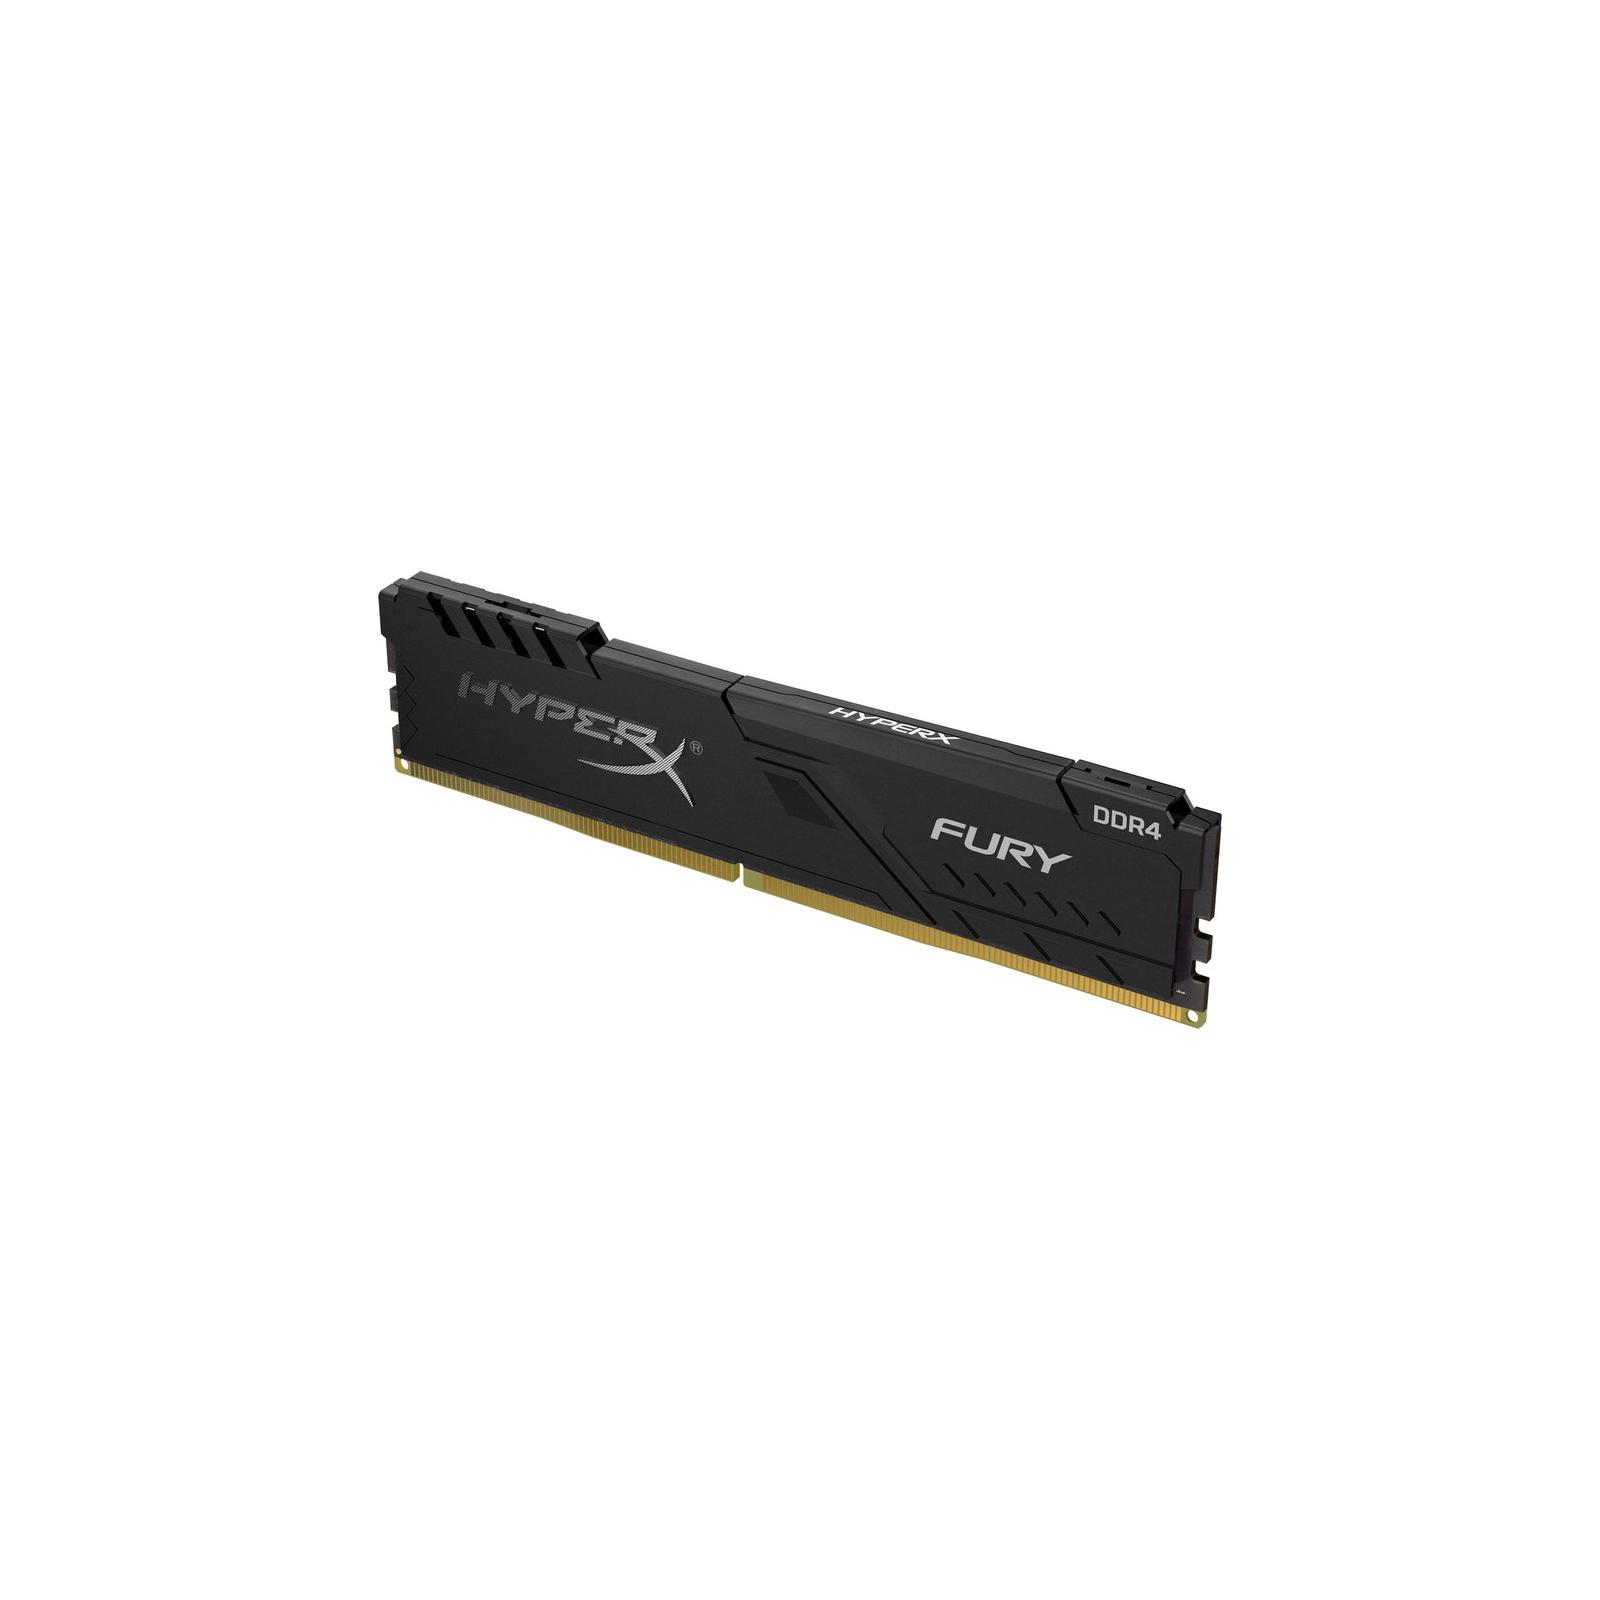 Модуль пам'яті для комп'ютера DDR4 16GB 3200 MHz Fury Black Kingston (HX432C16FB4/16) зображення 2